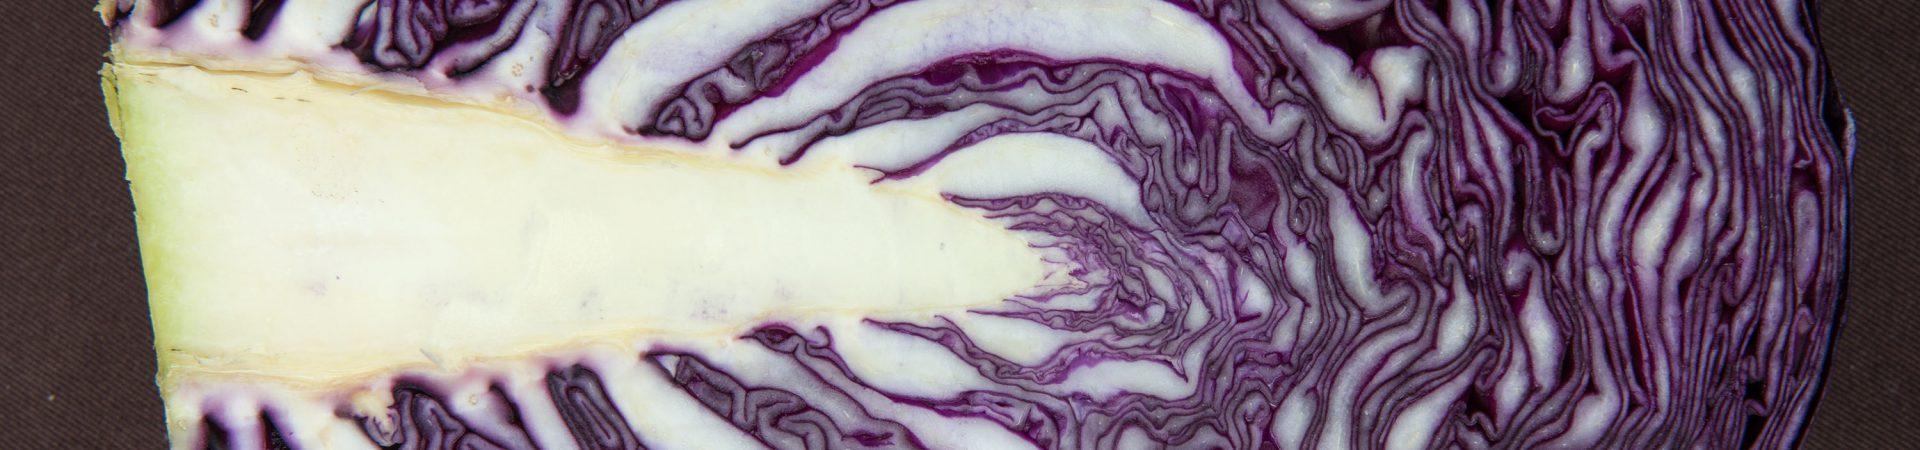 Zwei Rezepte für Rotkohl oder Rotkraut – Rotkrautgemüse und Rotkrautsalat